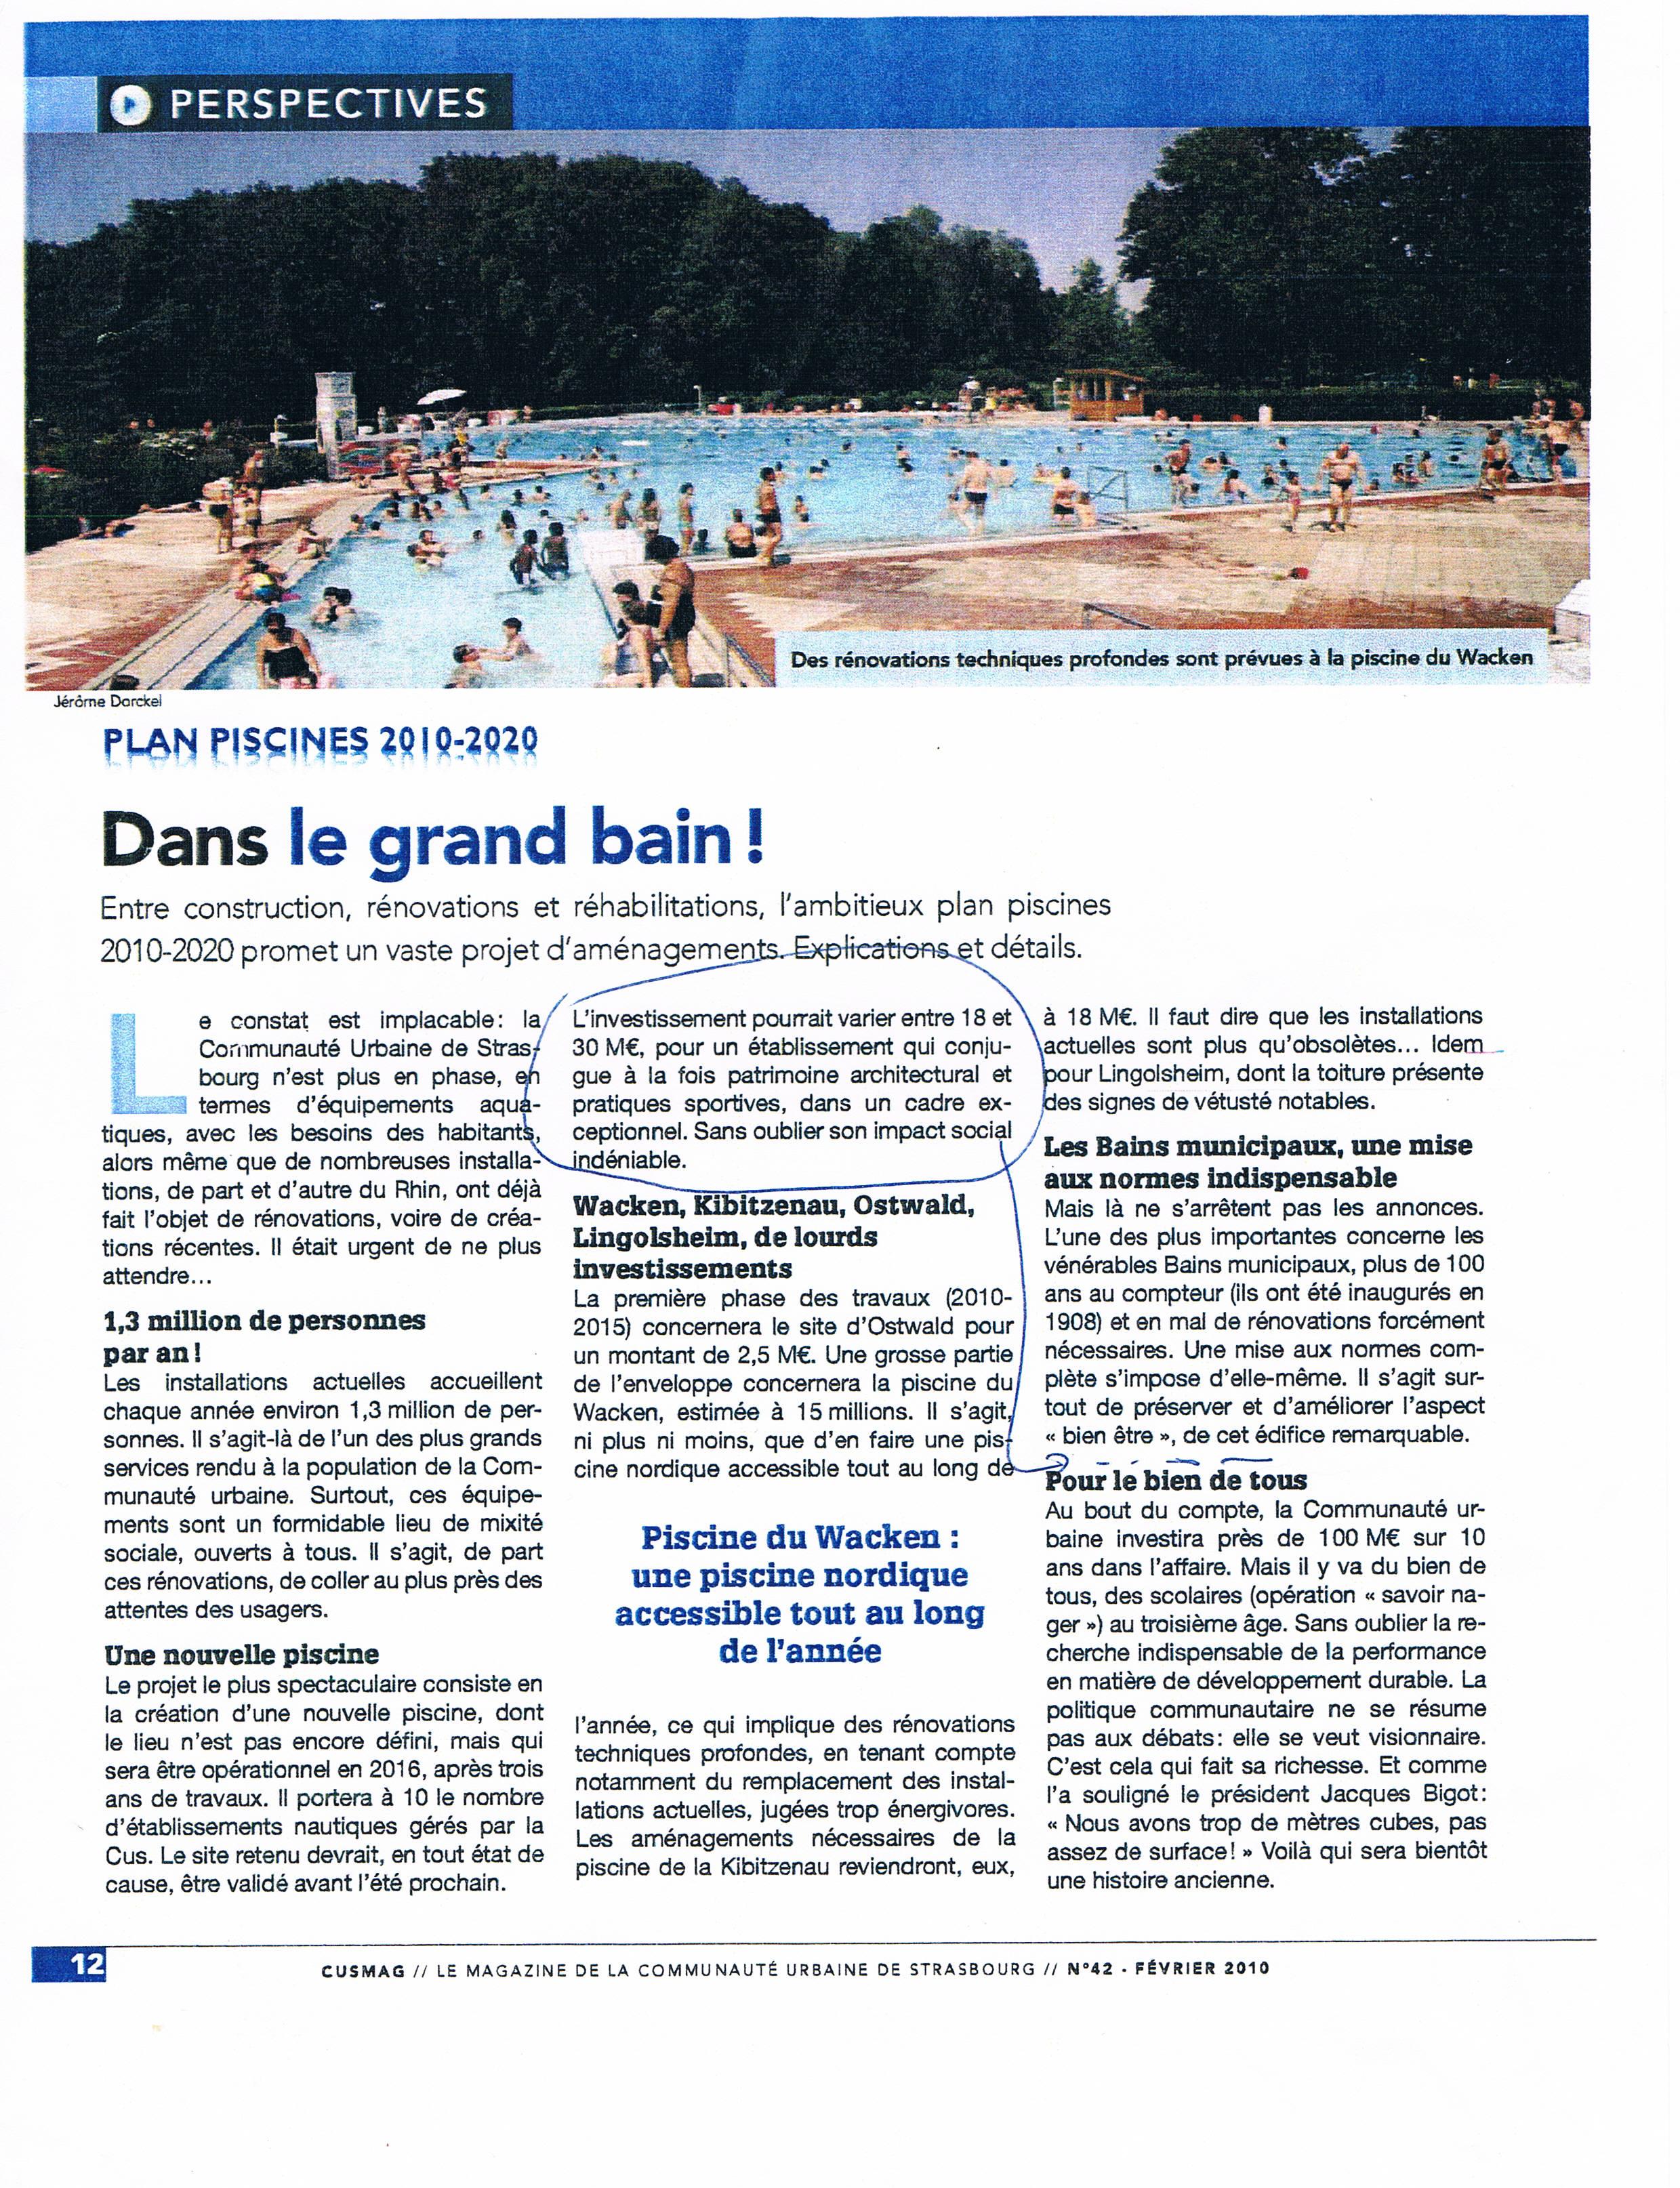 CUS mag Plan Piscine 2010